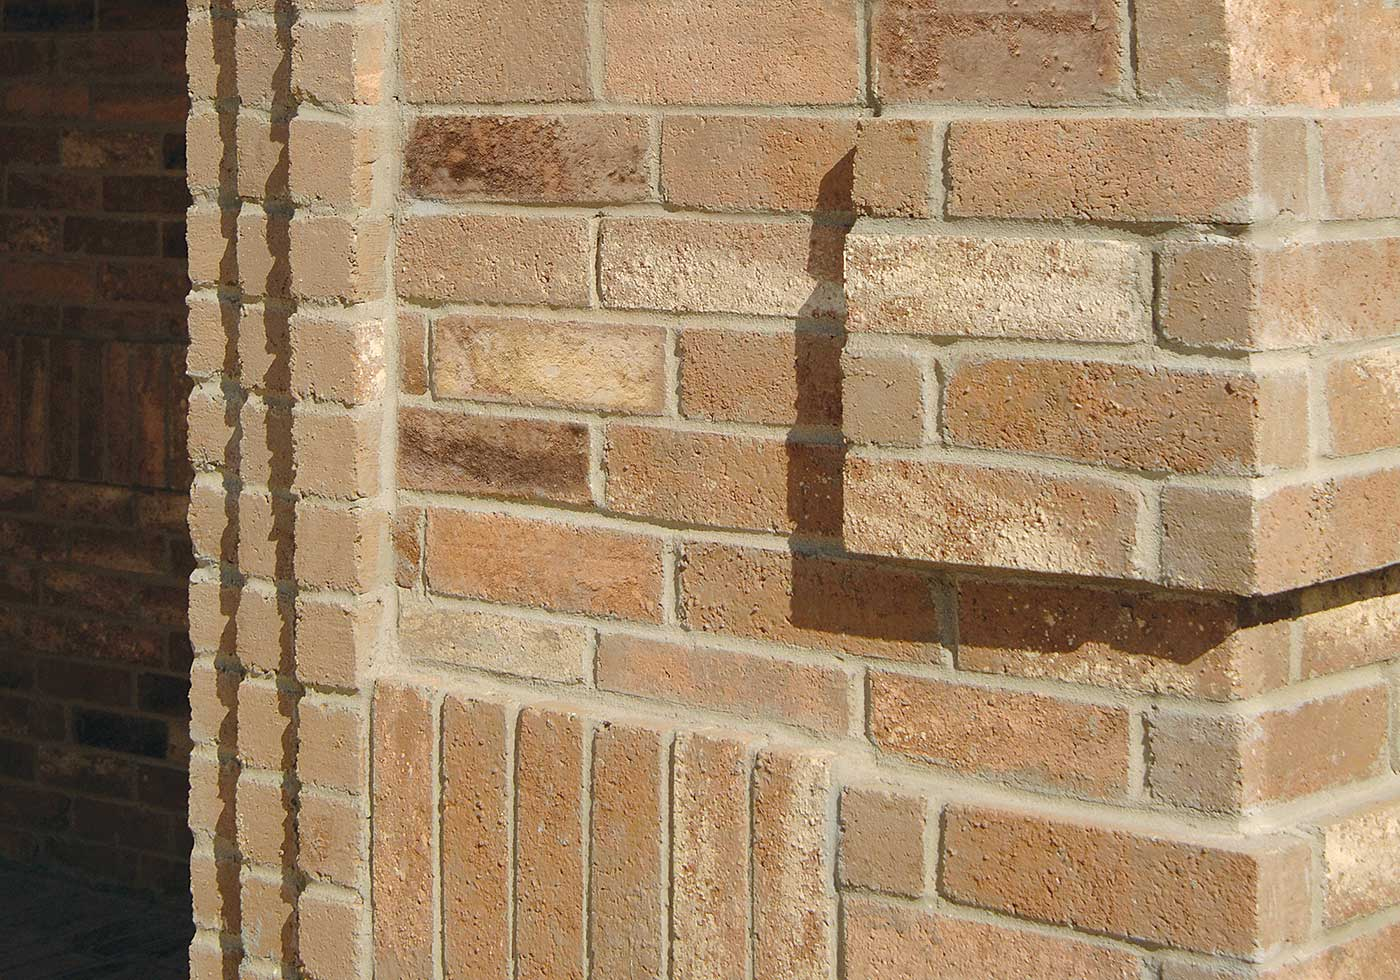 Rhodes brick detail